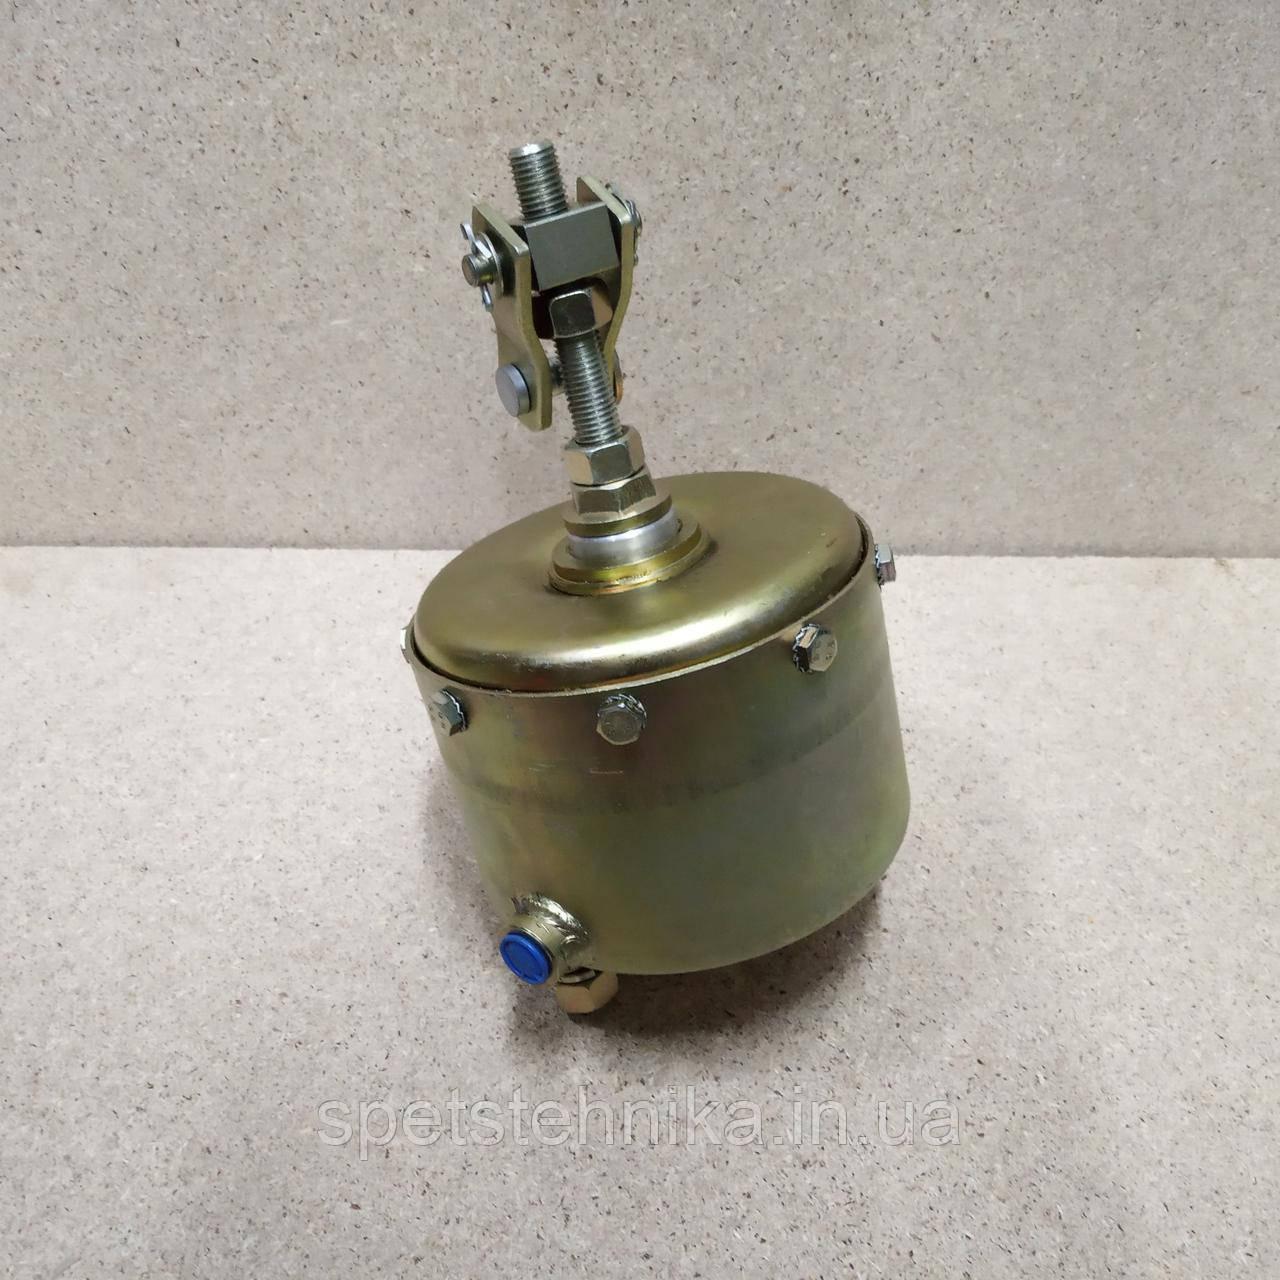 LG50EX.09.02 воздушная камера стояночного тормоза